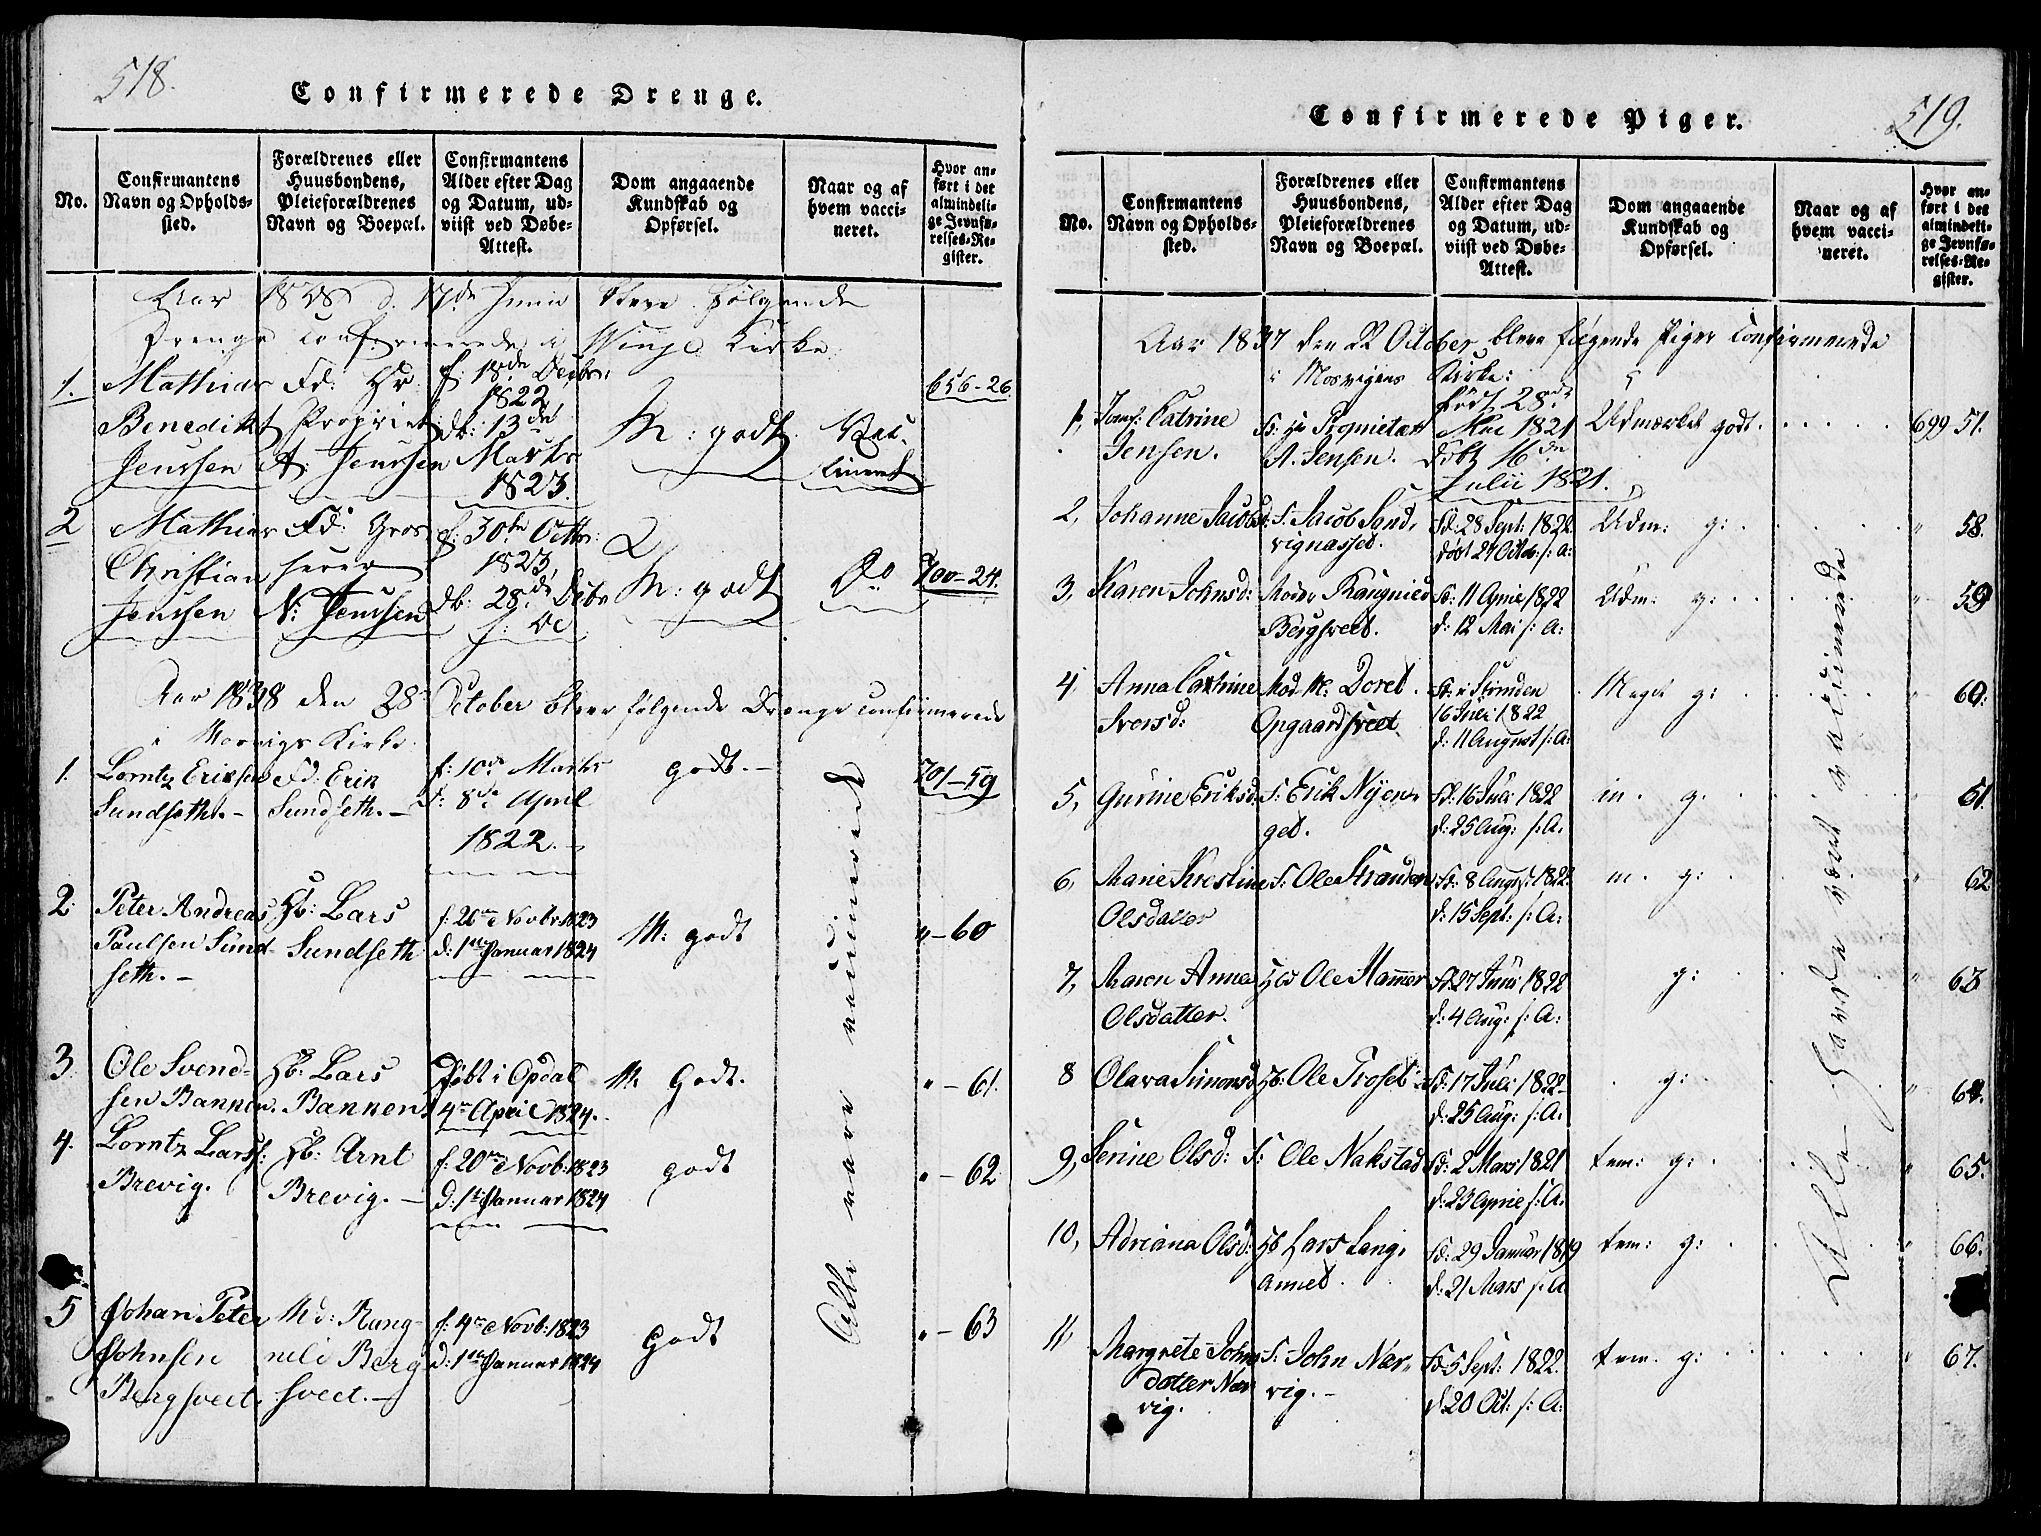 SAT, Ministerialprotokoller, klokkerbøker og fødselsregistre - Nord-Trøndelag, 733/L0322: Ministerialbok nr. 733A01, 1817-1842, s. 518-519